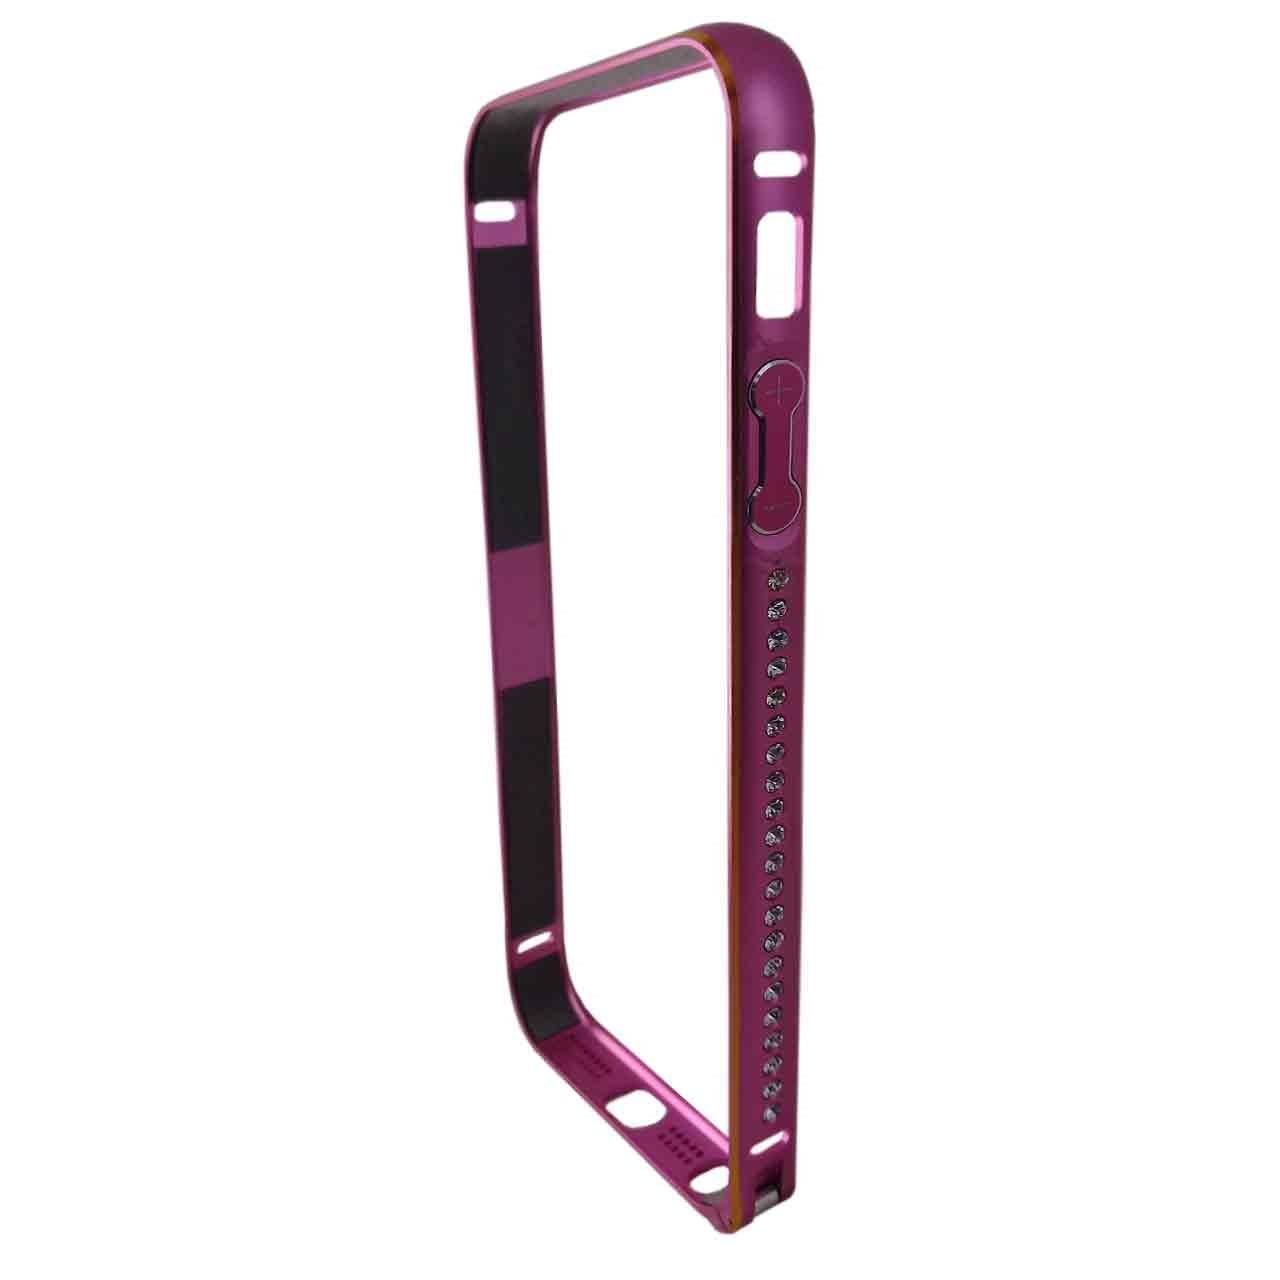 بررسی و {خرید با تخفیف} بامپر گوشی پرفکت مناسب برای گوشی موبایل آیفون 5/5S اصل